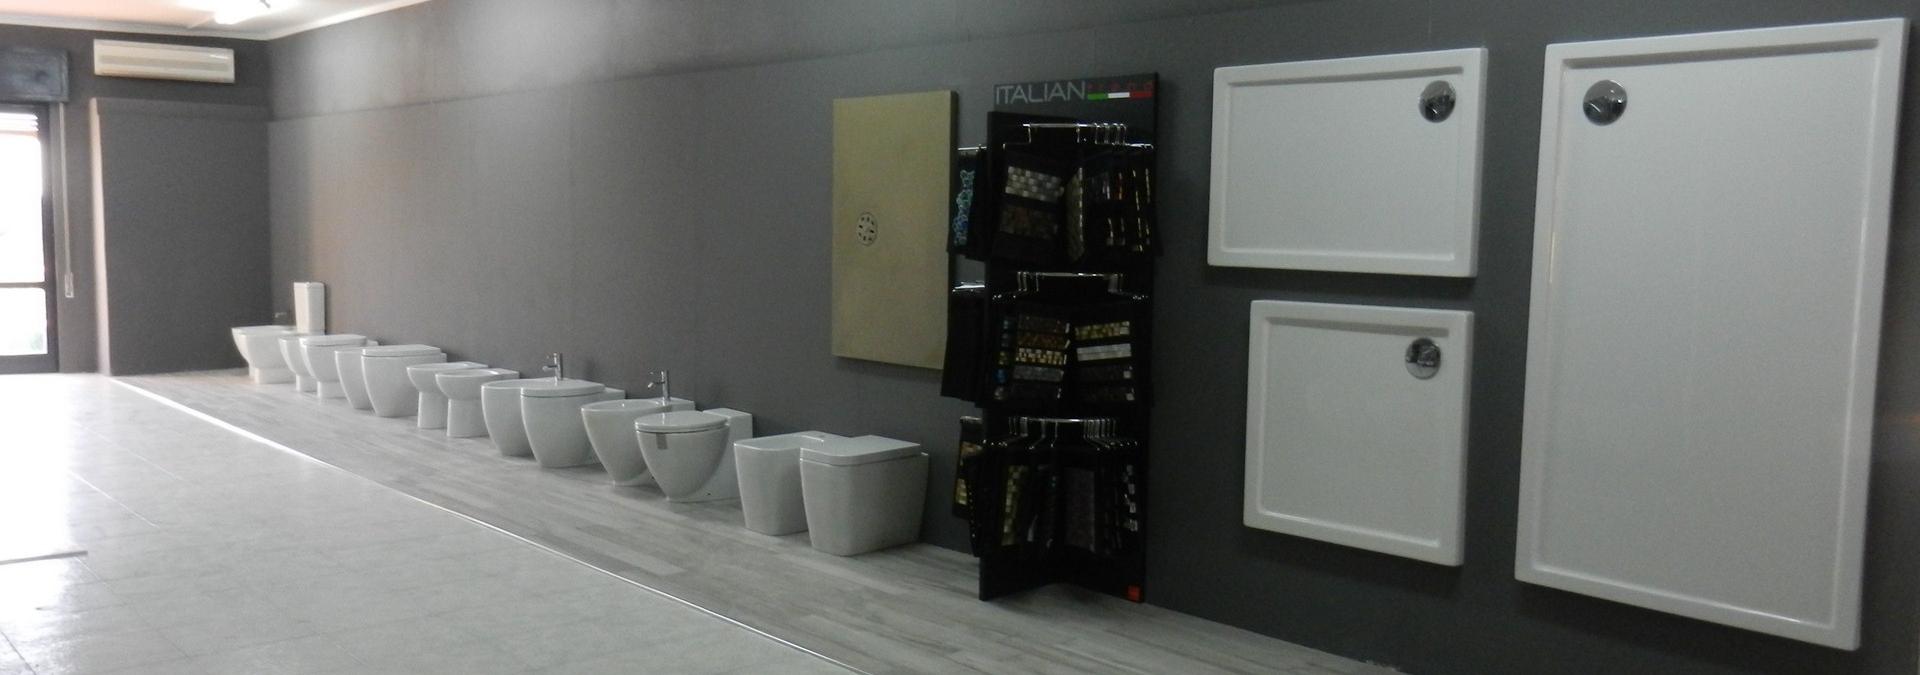 Nuovo showroom per prodotti di alta gamma